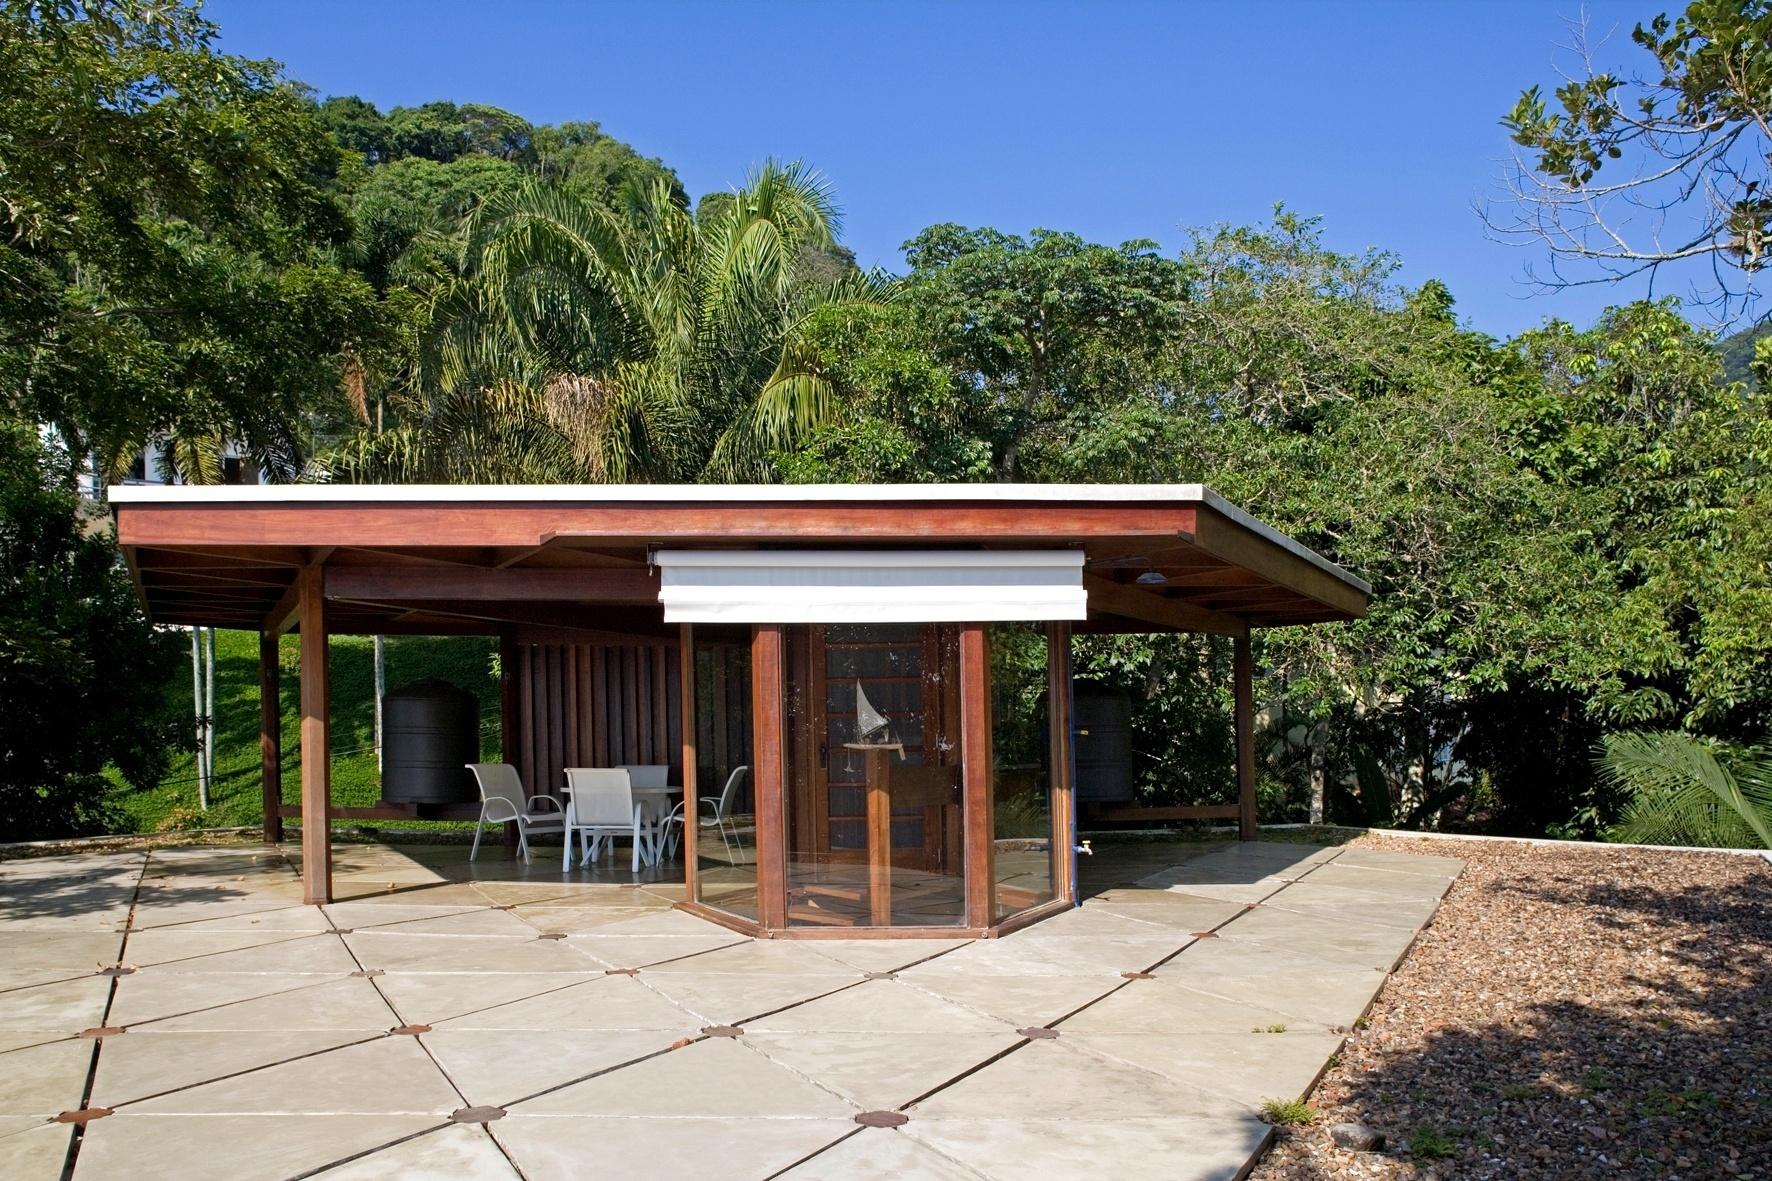 A cobertura da casa Tijucopava, projetada pelo arquiteto Marcos Acayaba, funciona como um mirante, de onde se avista o mar e as montanhas do Guarujá (SP). O piso é composto de placas triangulares de concreto leve e conta com bordas em seixos rolados